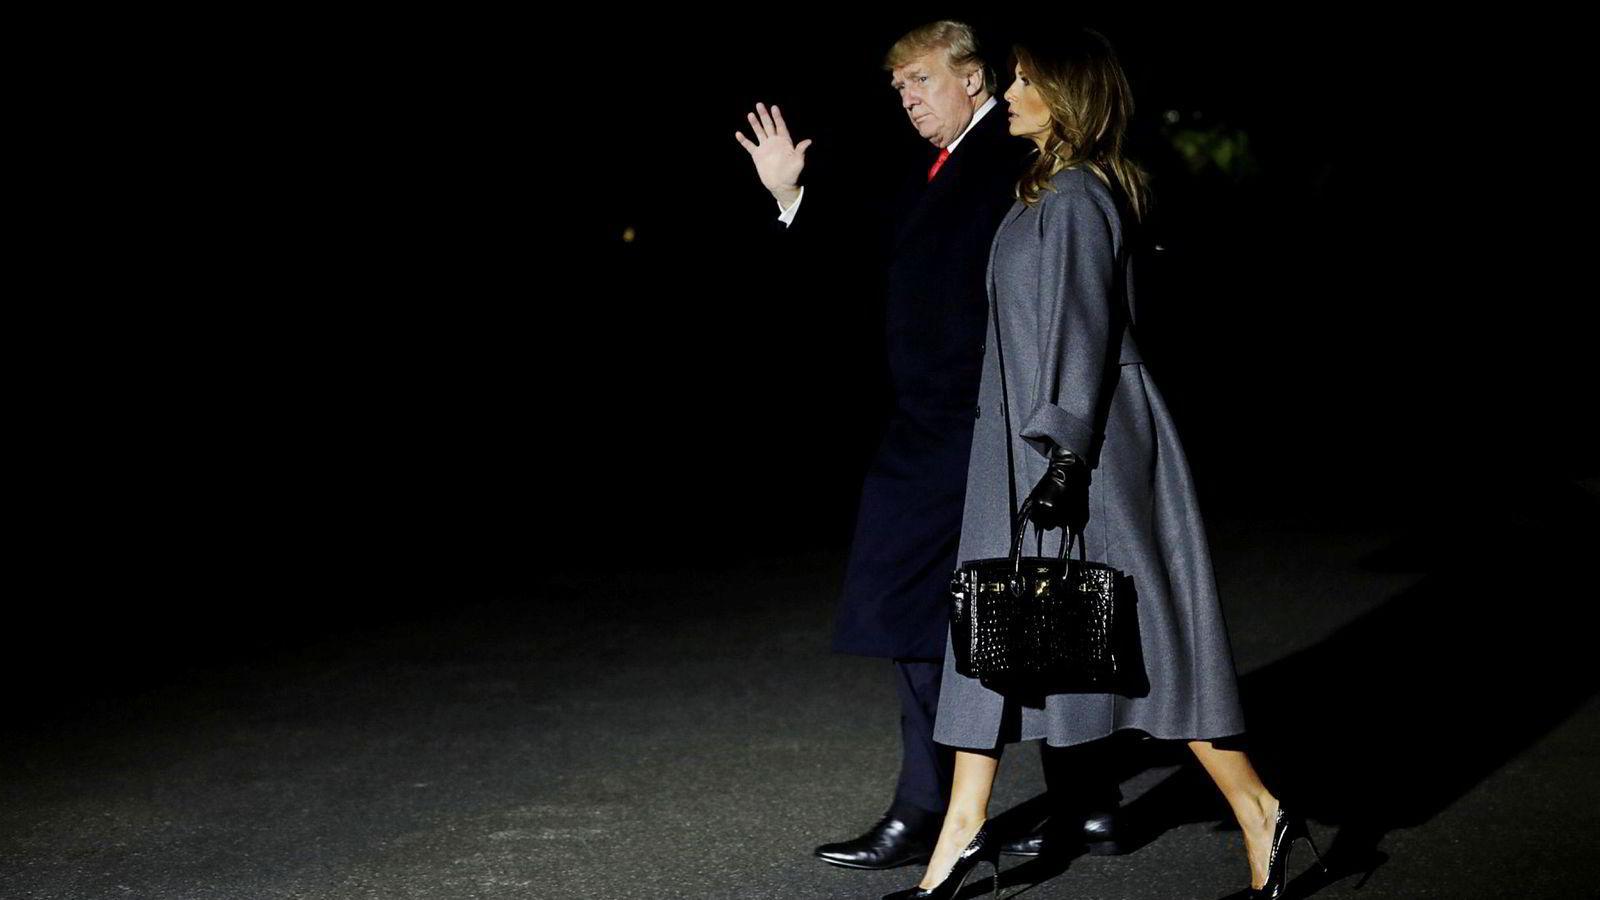 Den amerikanske presidenten Donald Trump skrev på Twitter at oljeprisen er høyere enn tilbudet tilsier, og at Opec og Saudi-Arabia «forhåpentlig ikke vil kutte i produksjonen». Her er presidenten sammen med sin kone Melania.